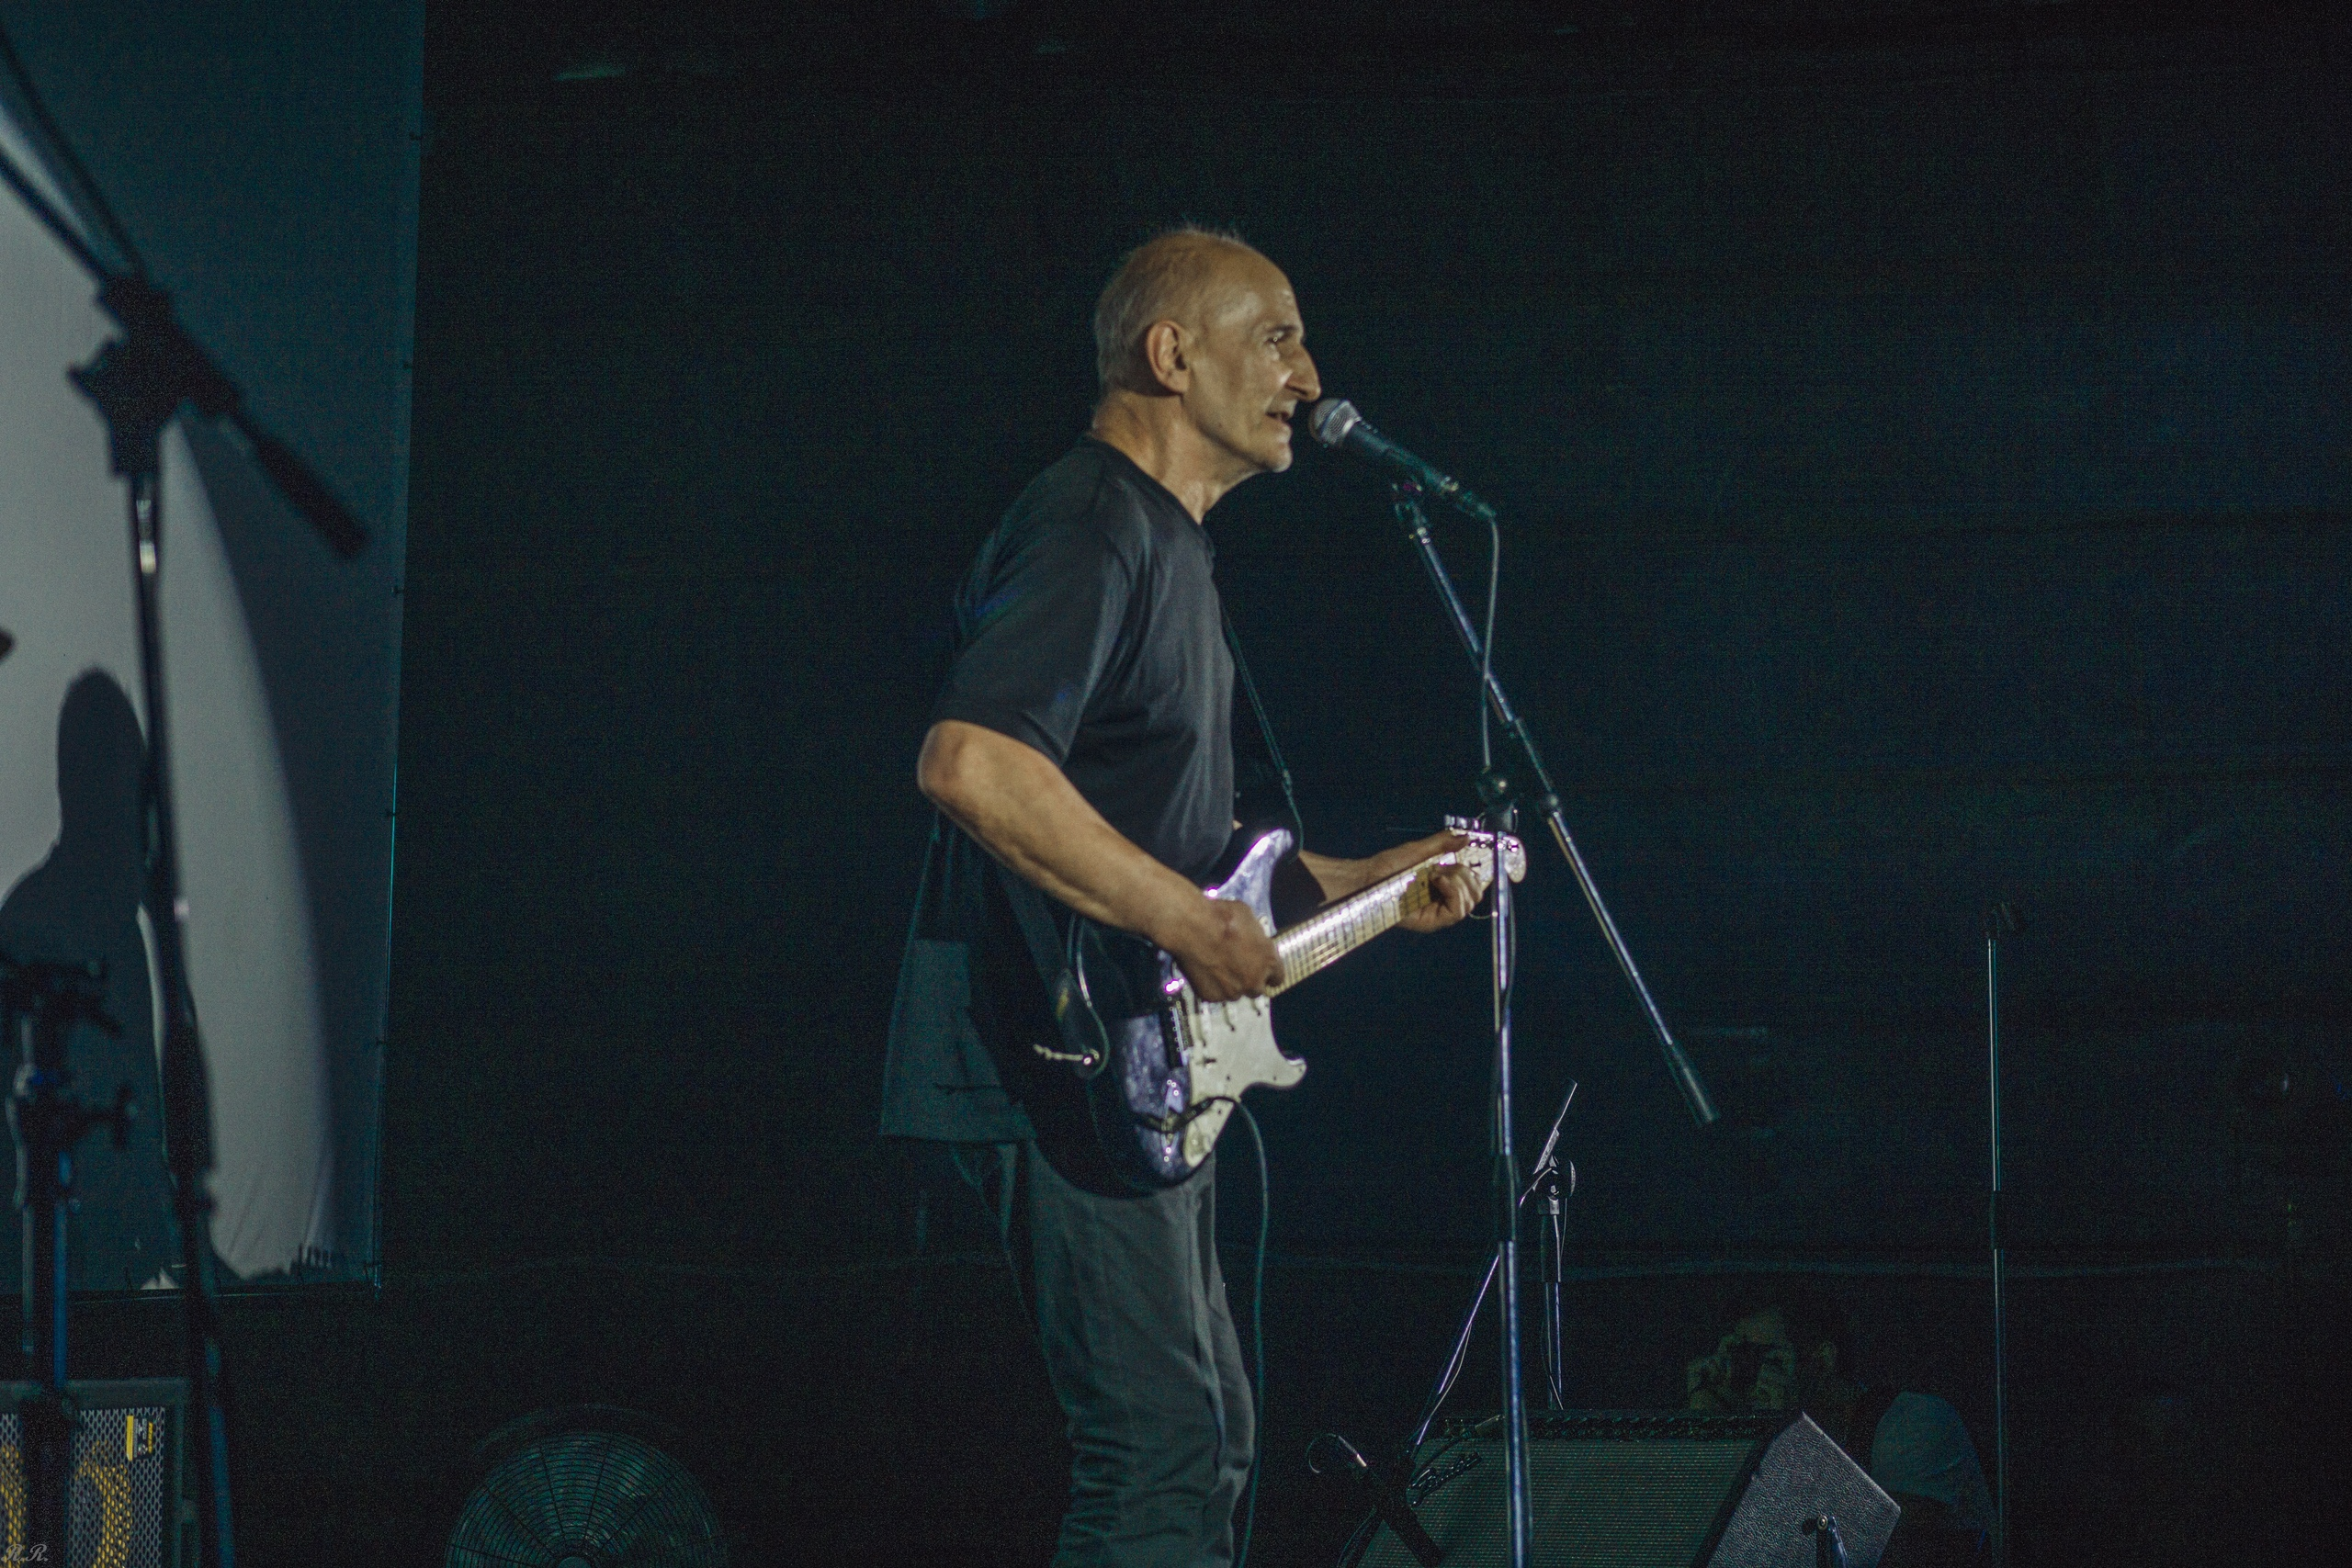 Петр Мамонов. Фото из официального сообщества фестиваля. фестиваль «Форма 2019» фото